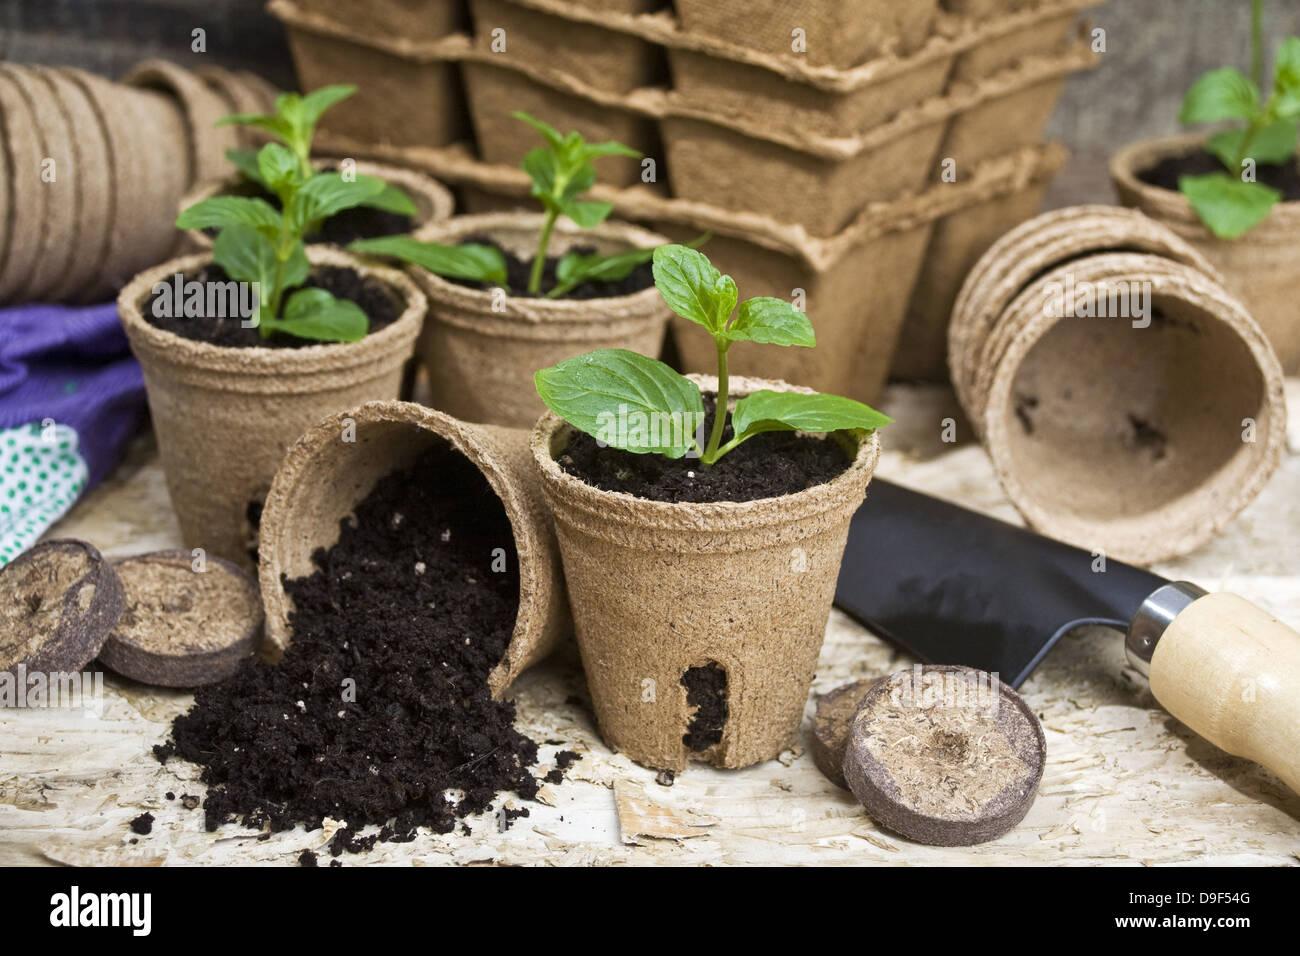 Setzlinge with flowerpot and garden utensils Saplings with flower pot and guards of utensil - Stock Image